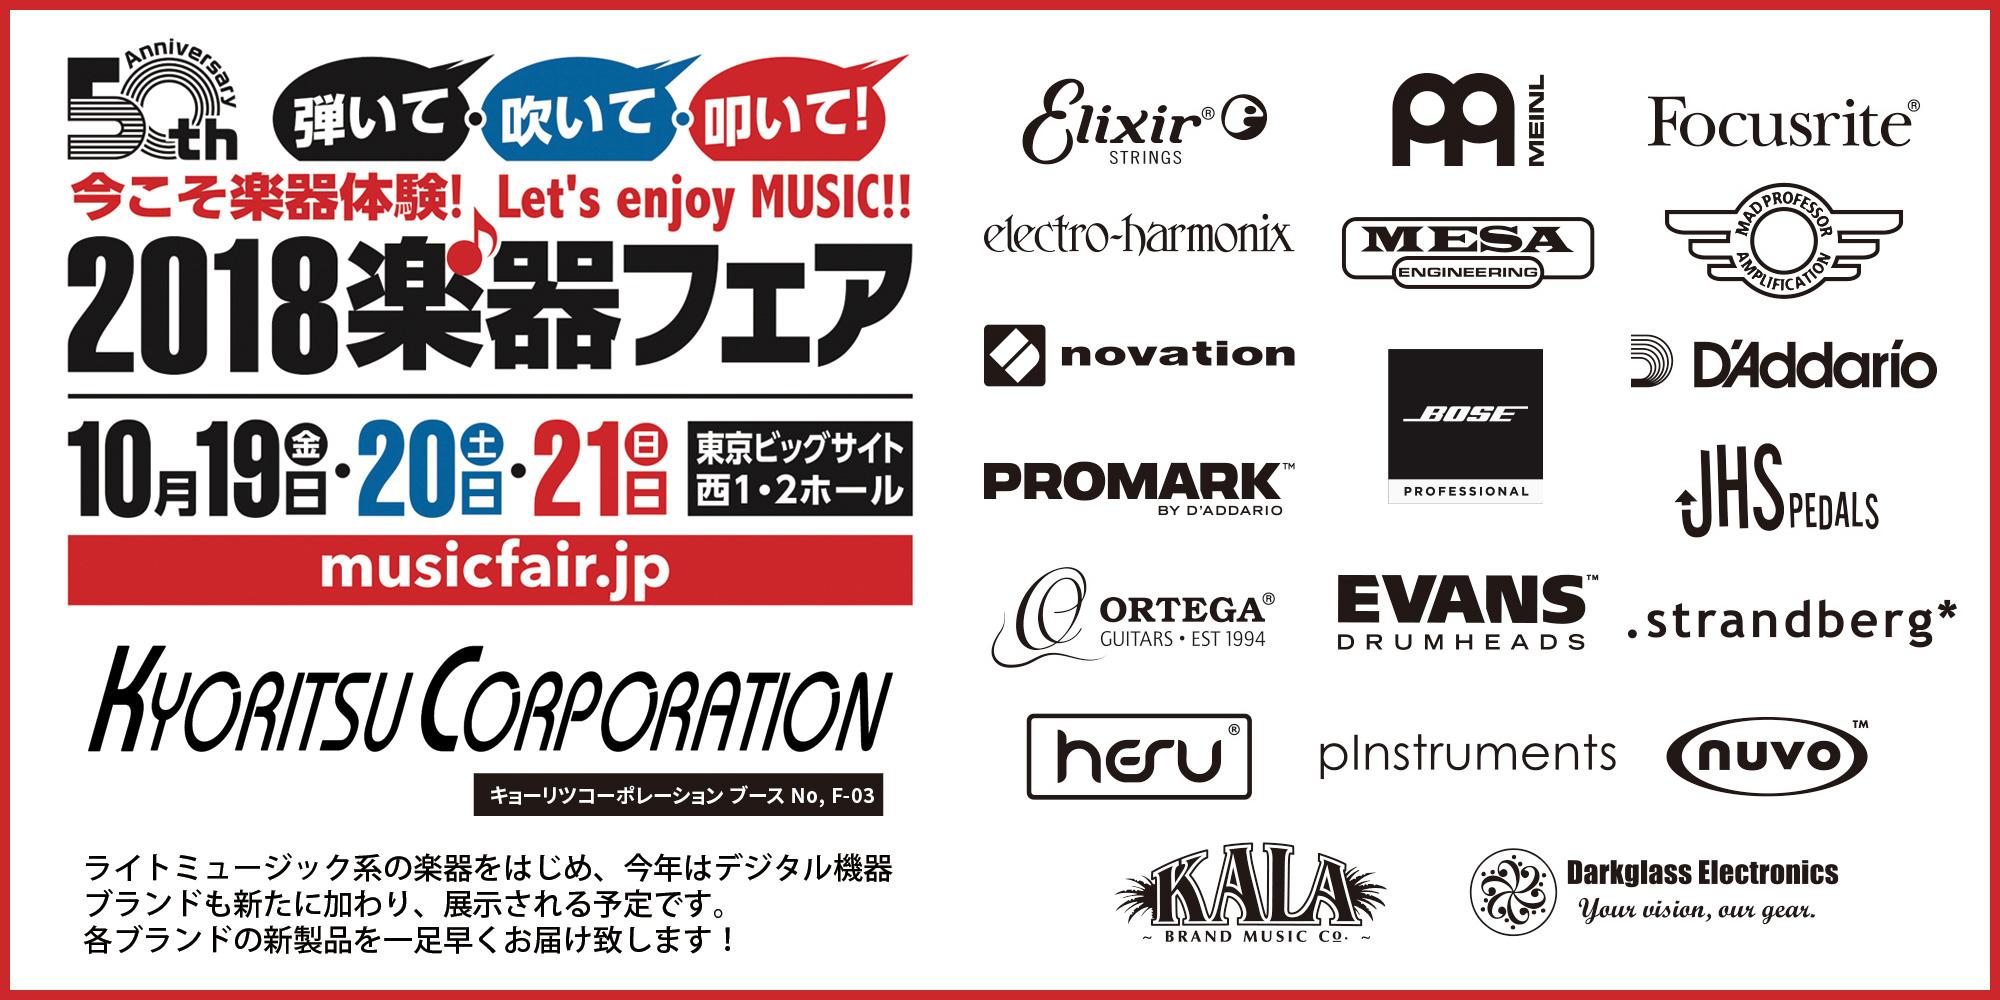 2018 楽器フェア♪ 出展/イベントのお知らせ